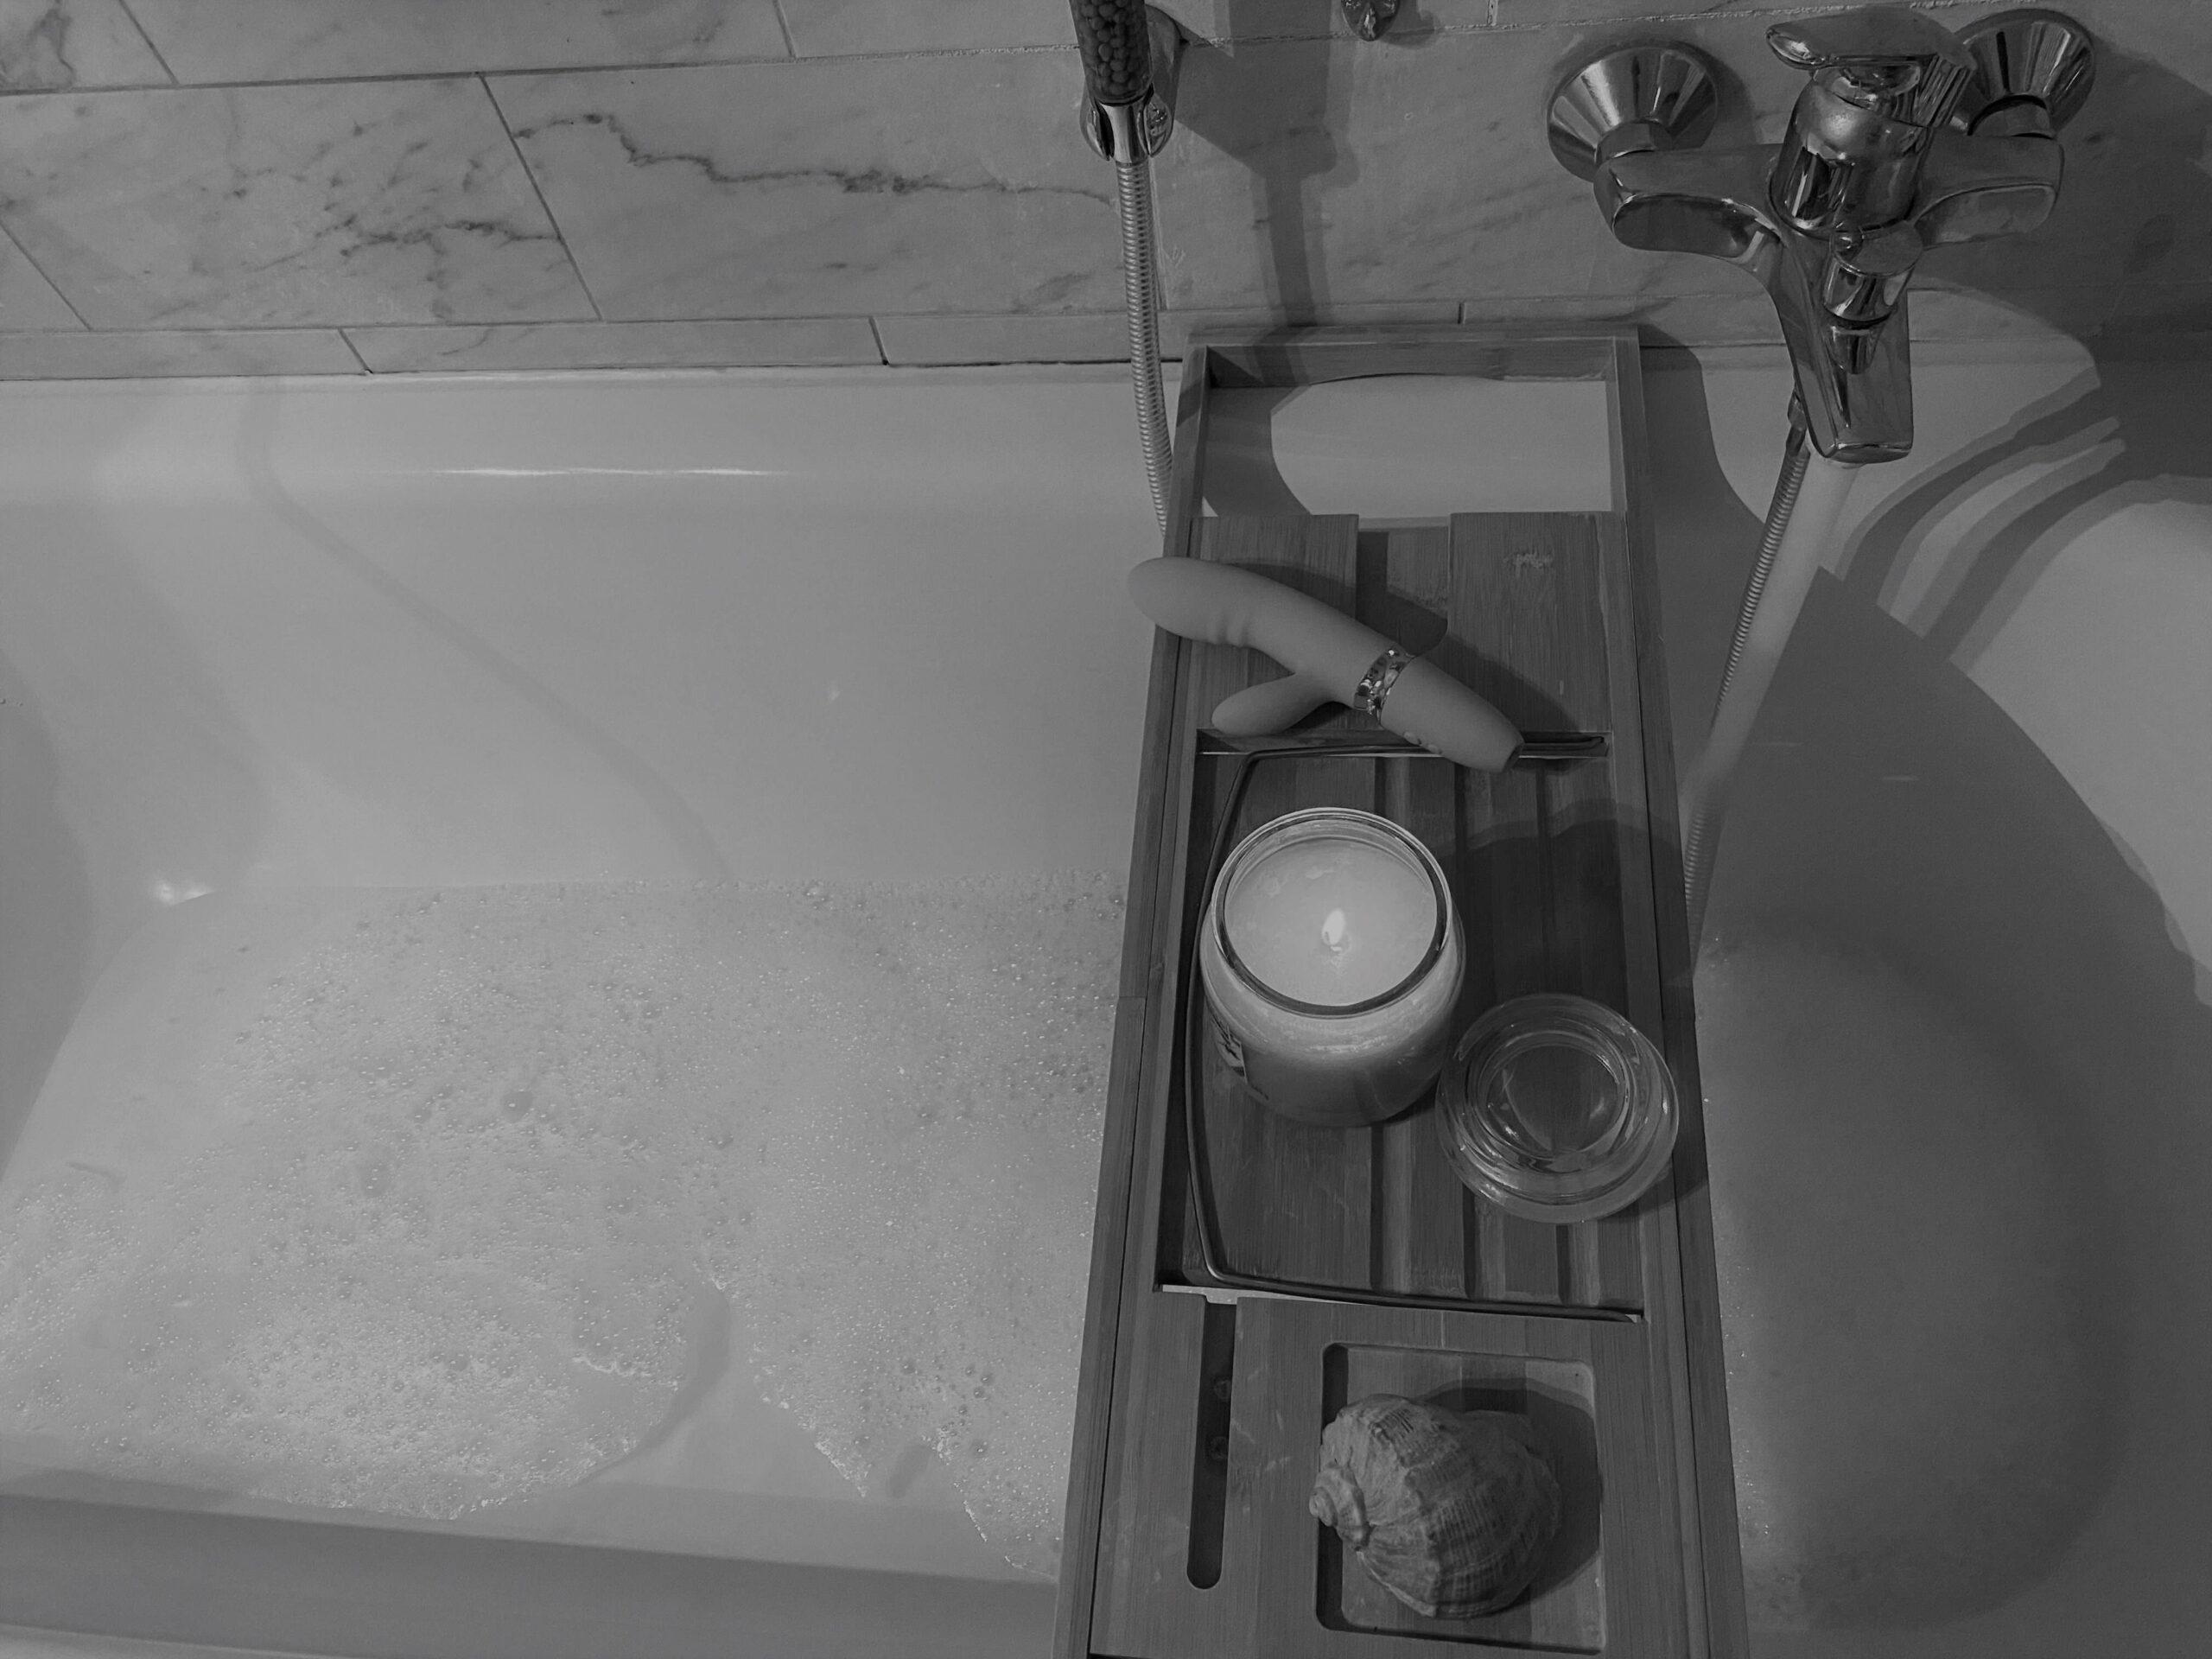 Ein sinnliches Verwöhnprogramm in der Badewanne